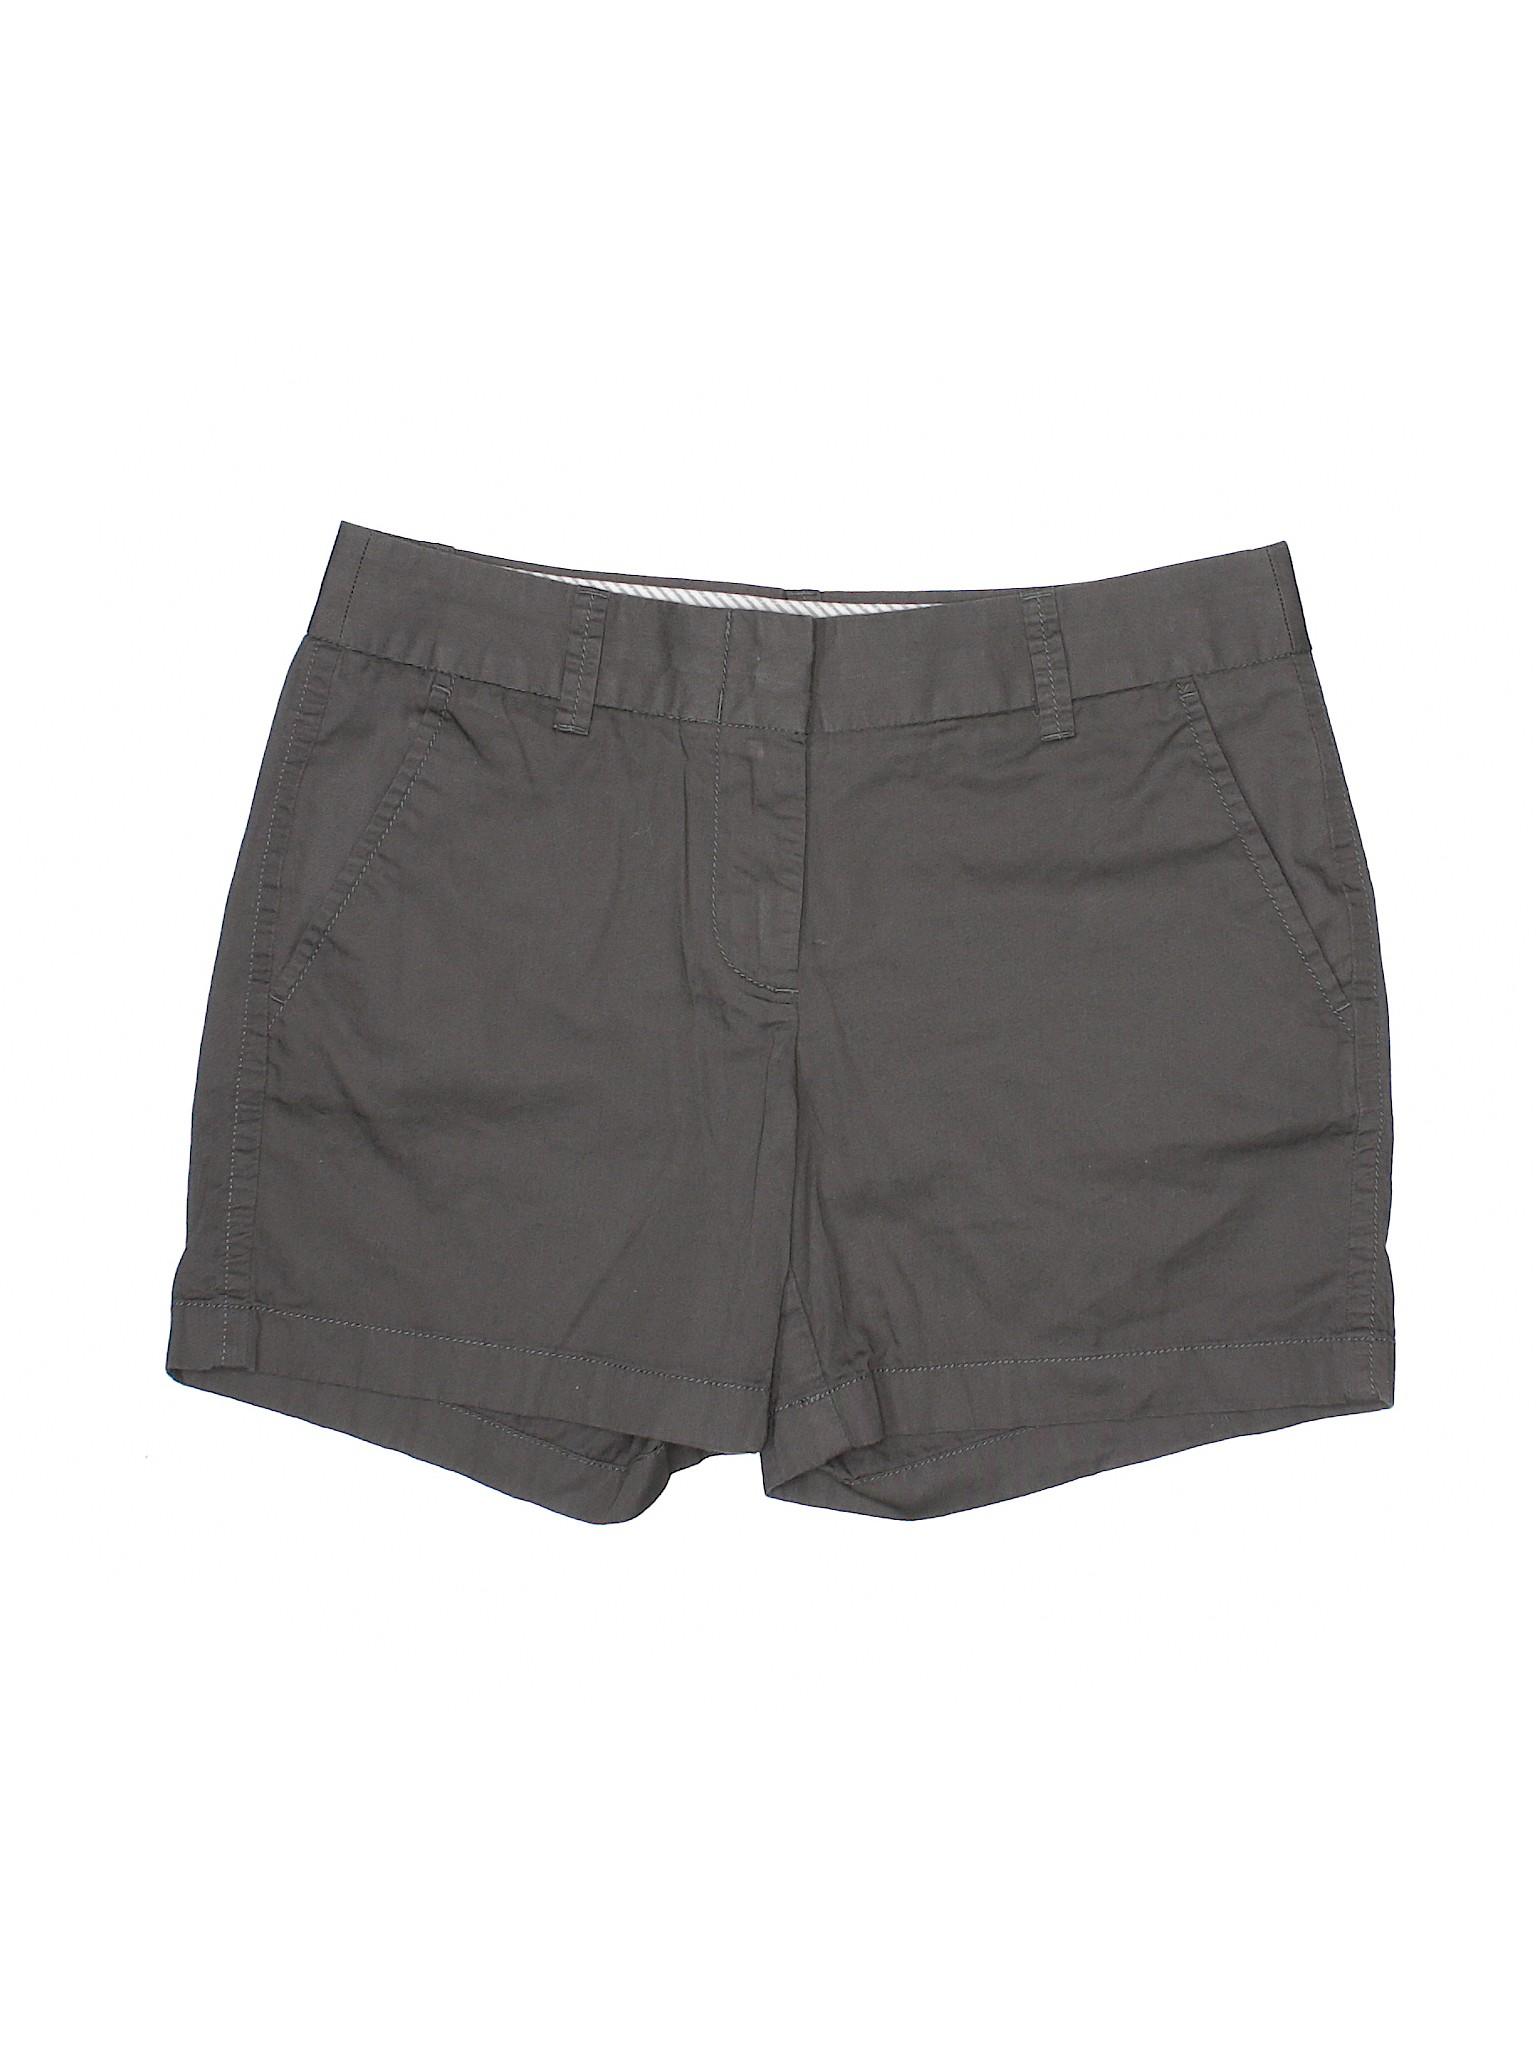 Boutique Shorts Boutique Khaki J J Crew SZ1vx5q